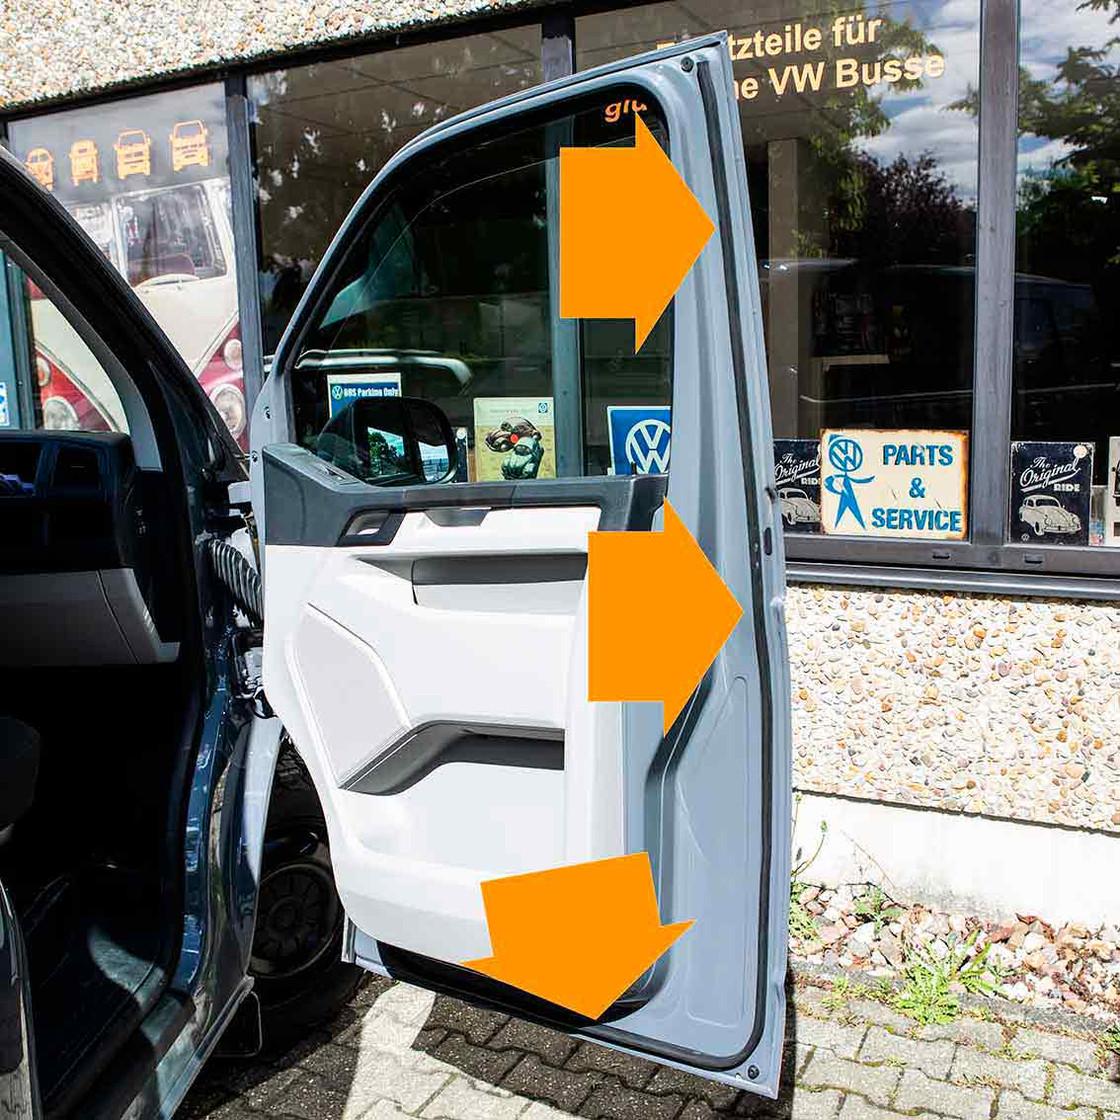 Zusatzdichtung Upgrade selbstklebend Top T5 T6 Tür Staubschutzdichtung